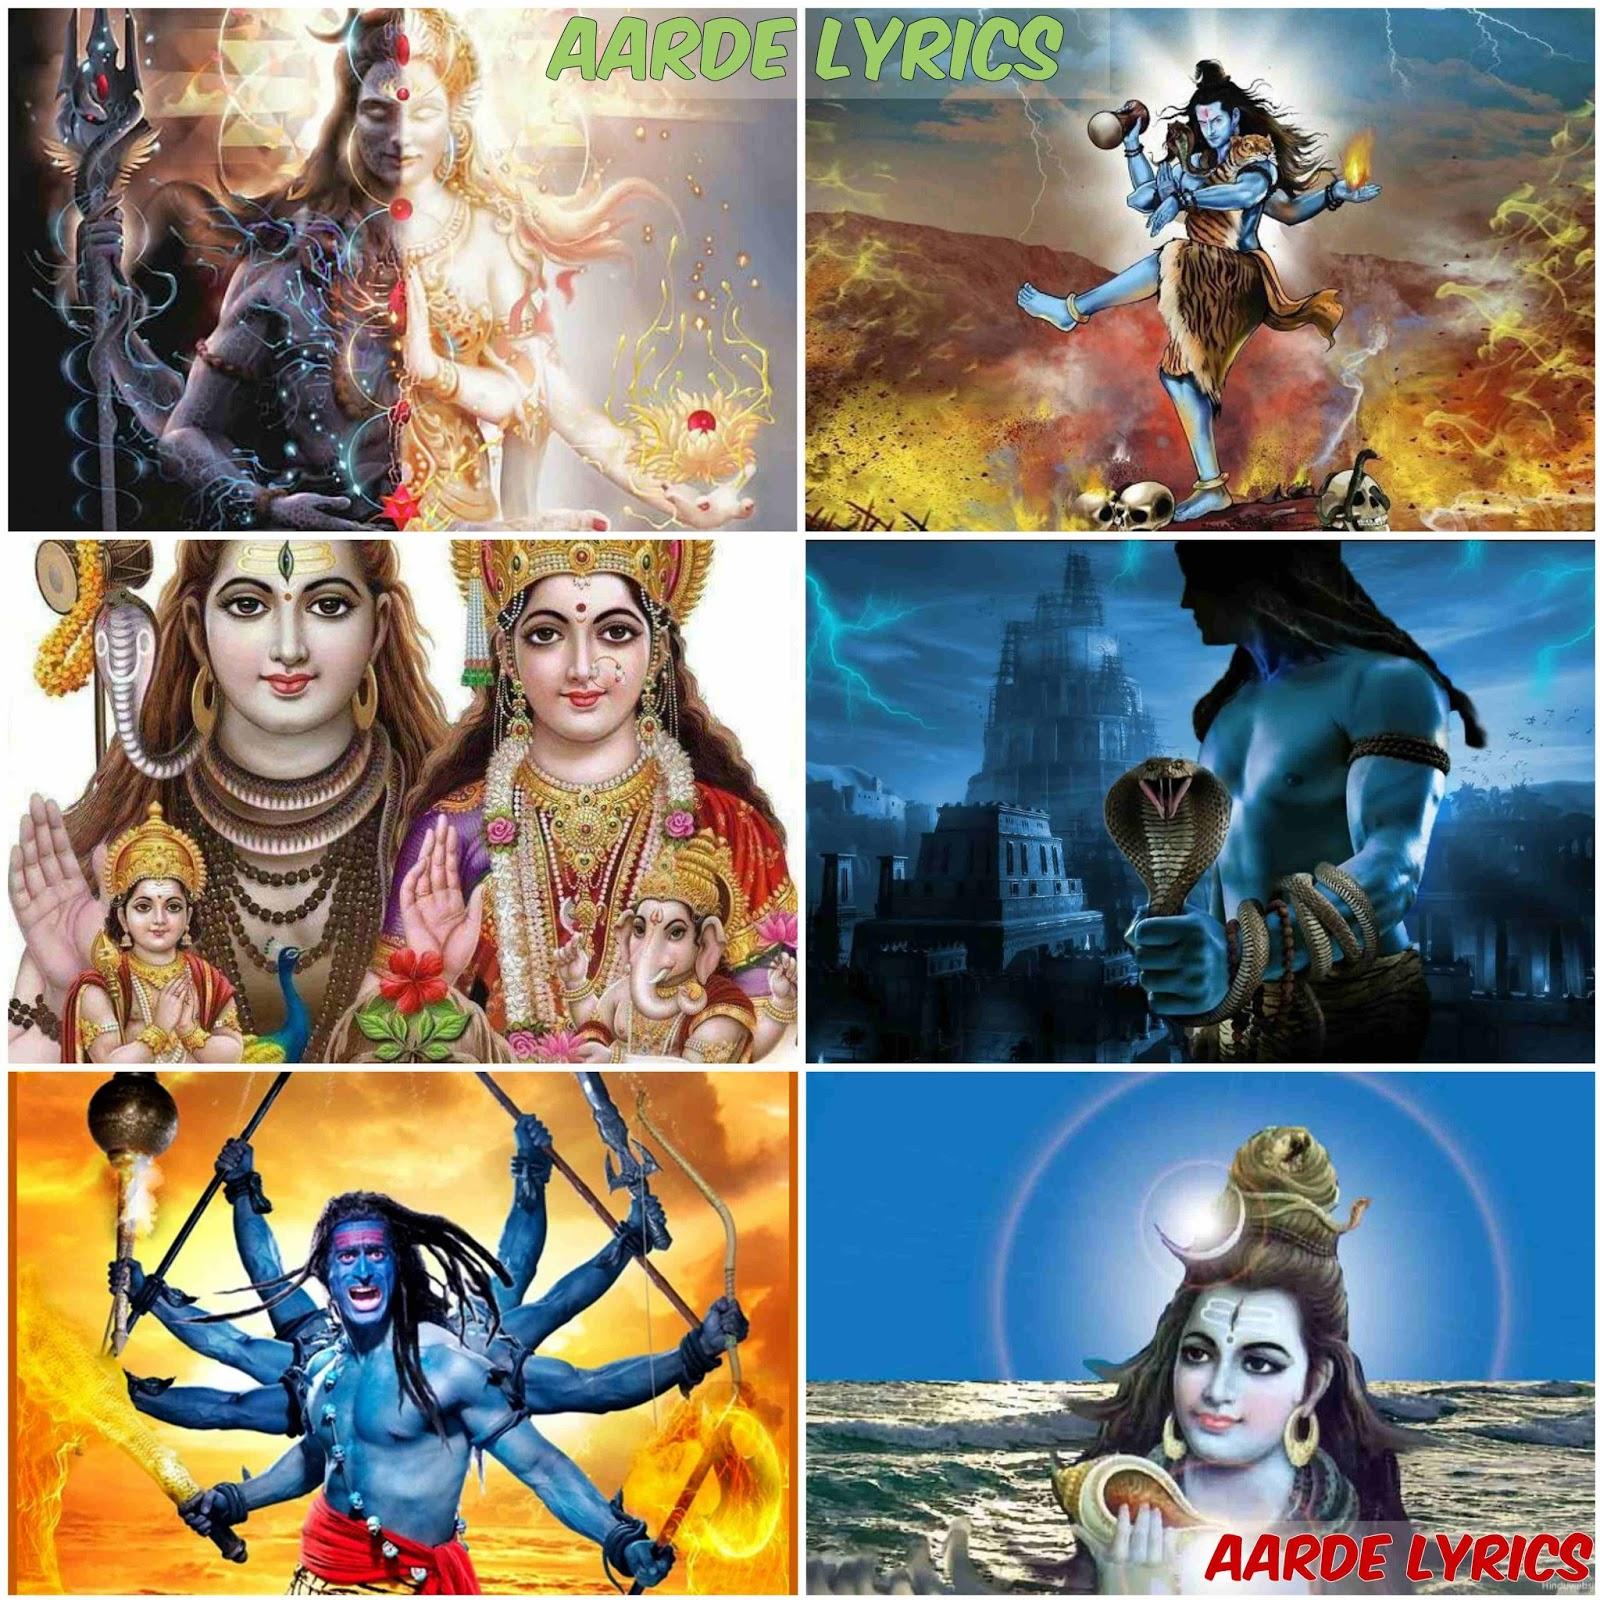 Needu Shiva Nidadiru Shiva Lord Shiva Songs Lyrics Devotional Lyrics Aarde Lyrics